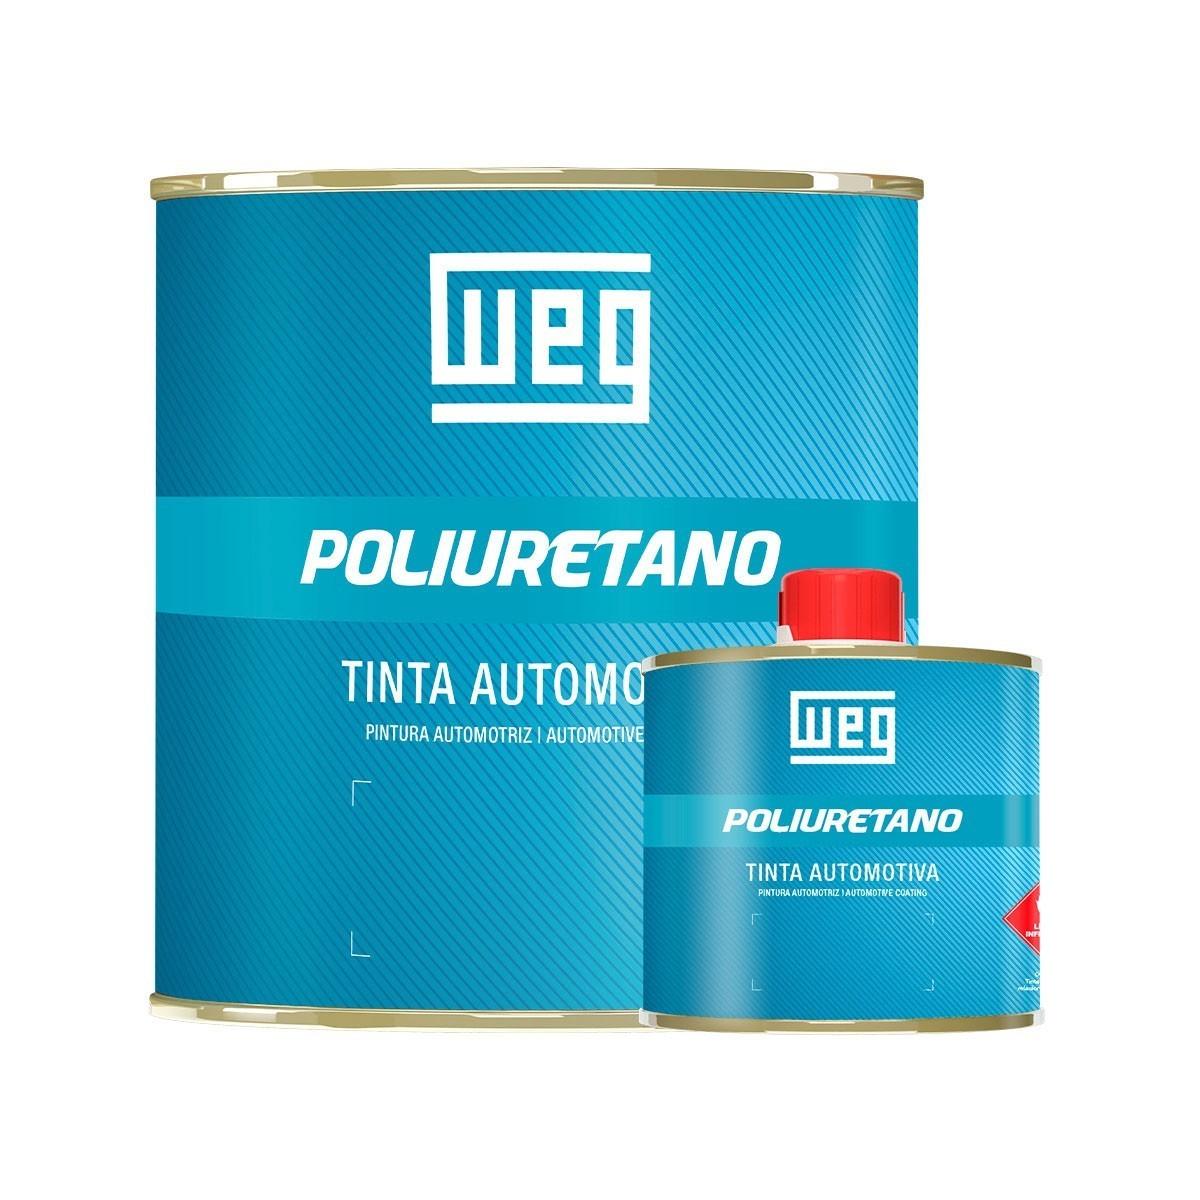 TINTA POLIURETANO BRANCO GLACIER l | 675 ml